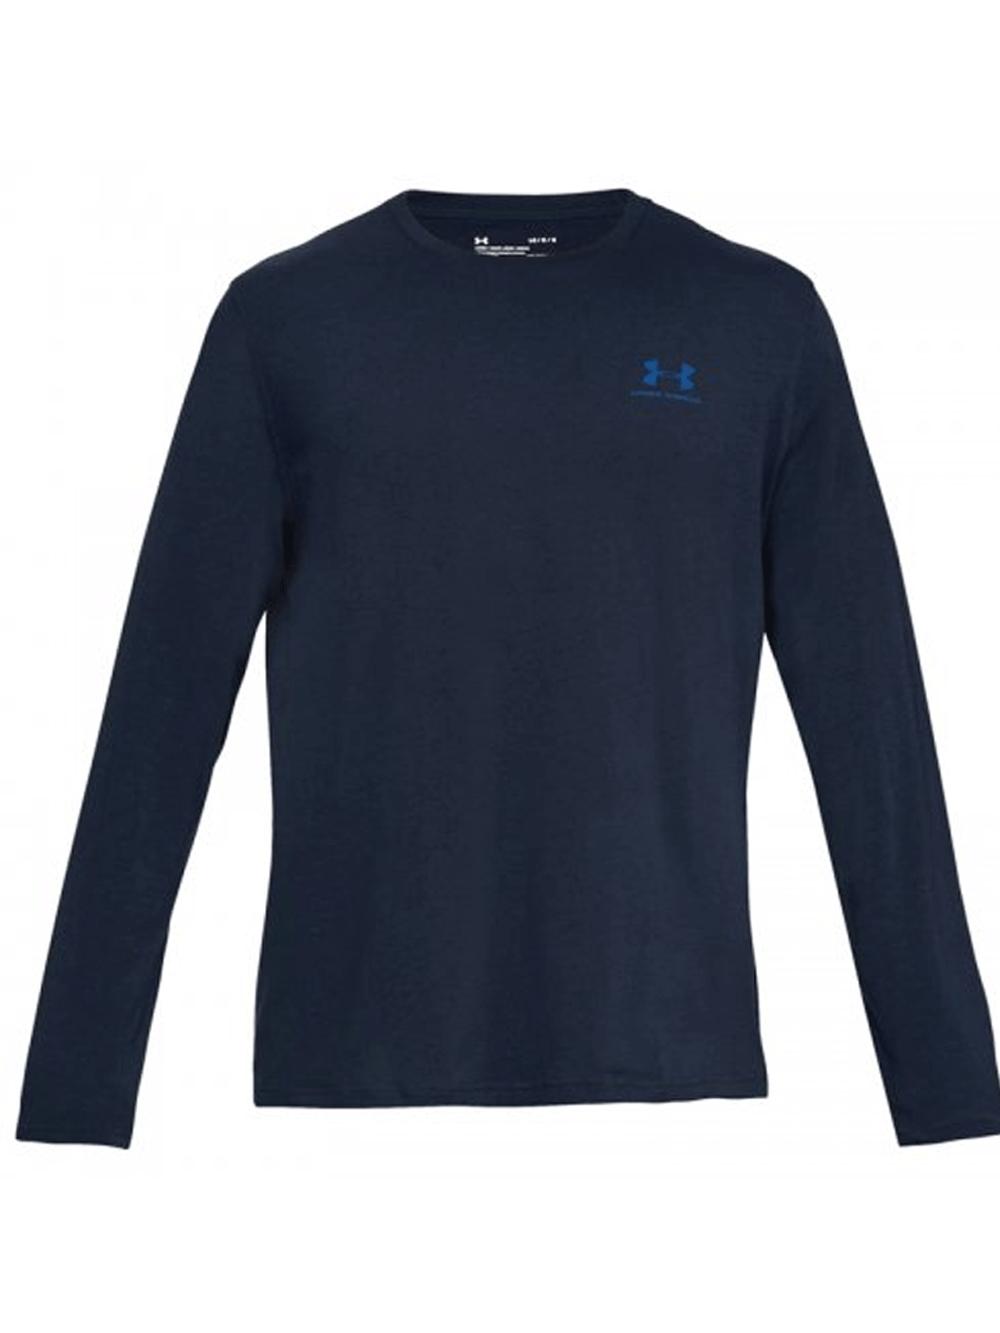 חולצת אימון אנדר ארמור שרוול ארוך לגבר 1289909-408 Under Armour men's long sleeve left Chest